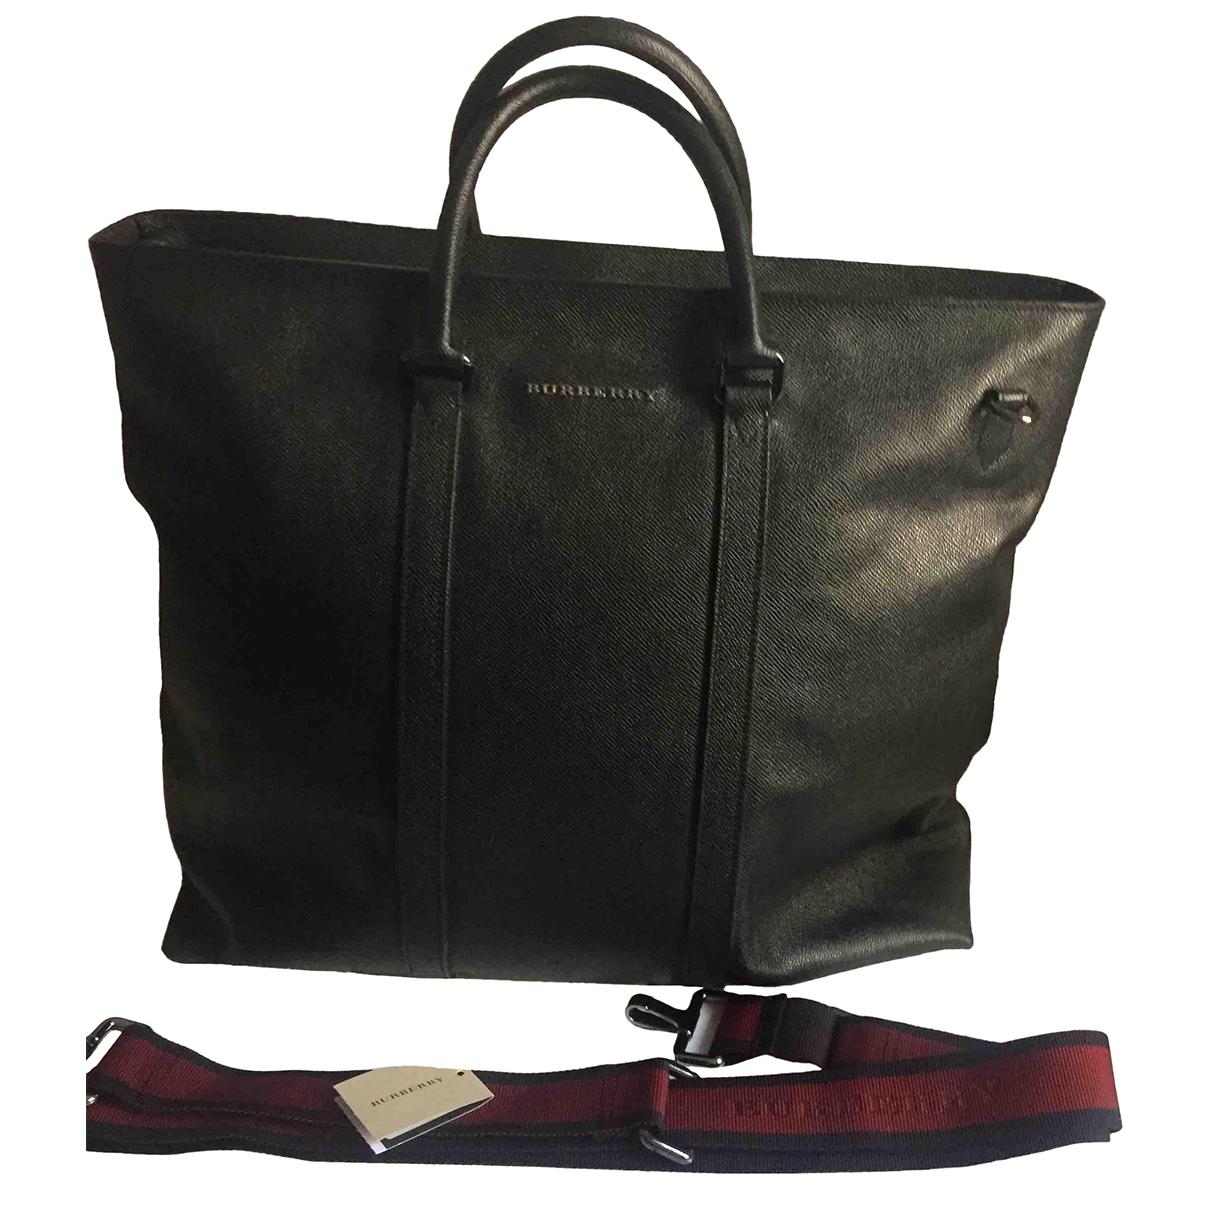 Burberry - Sac de voyage   pour femme en cuir - noir